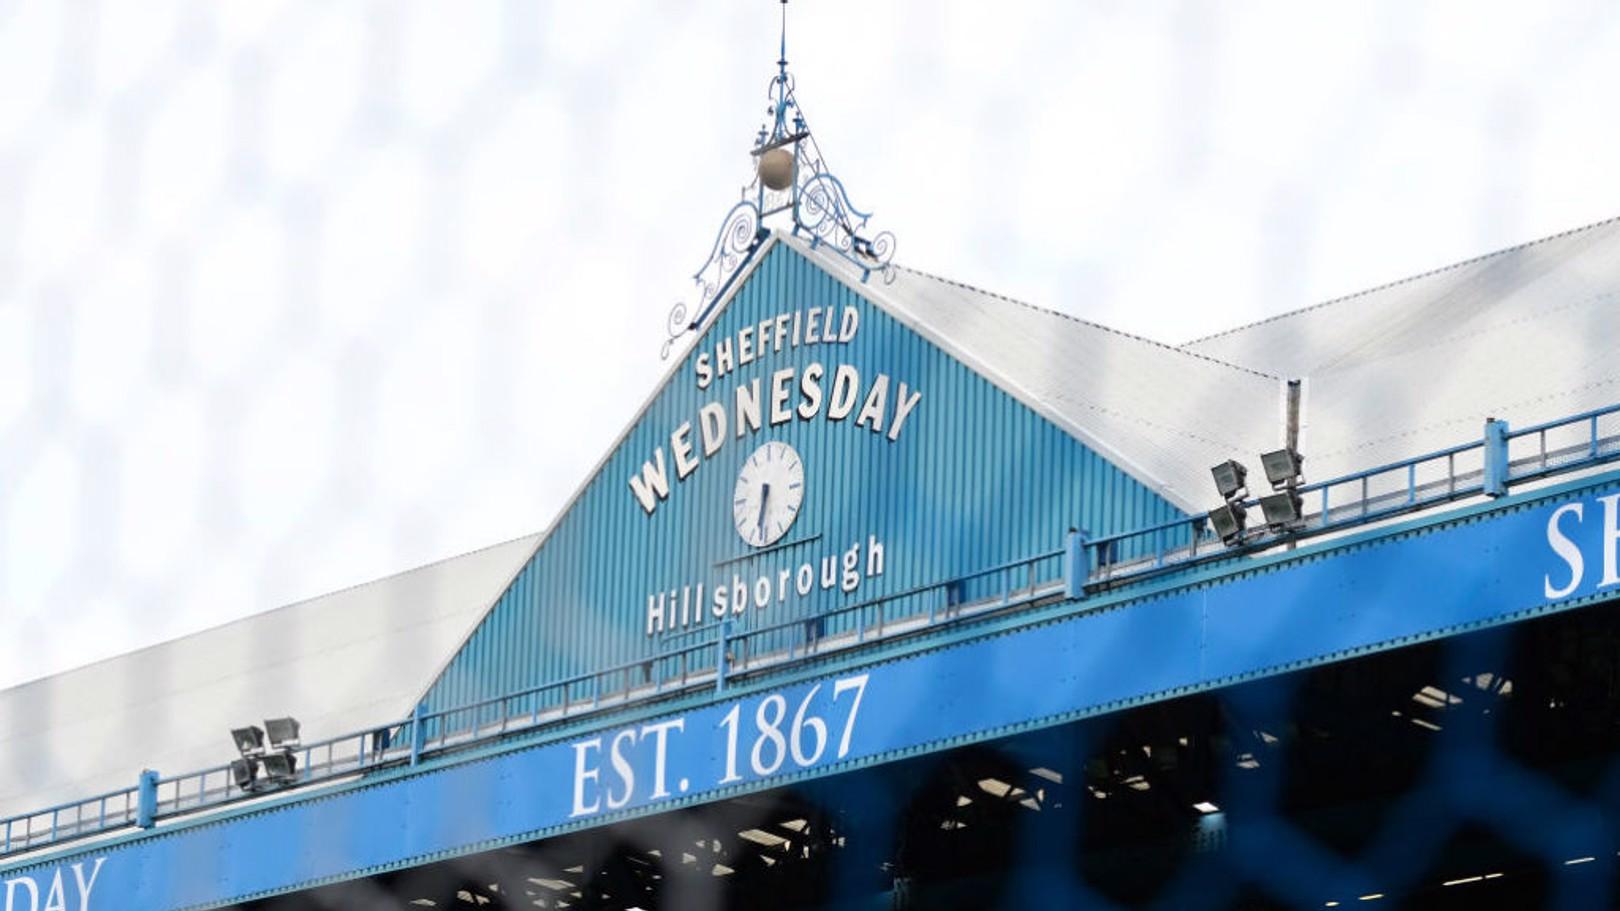 Sheffield Wednesday v City: Ticket information